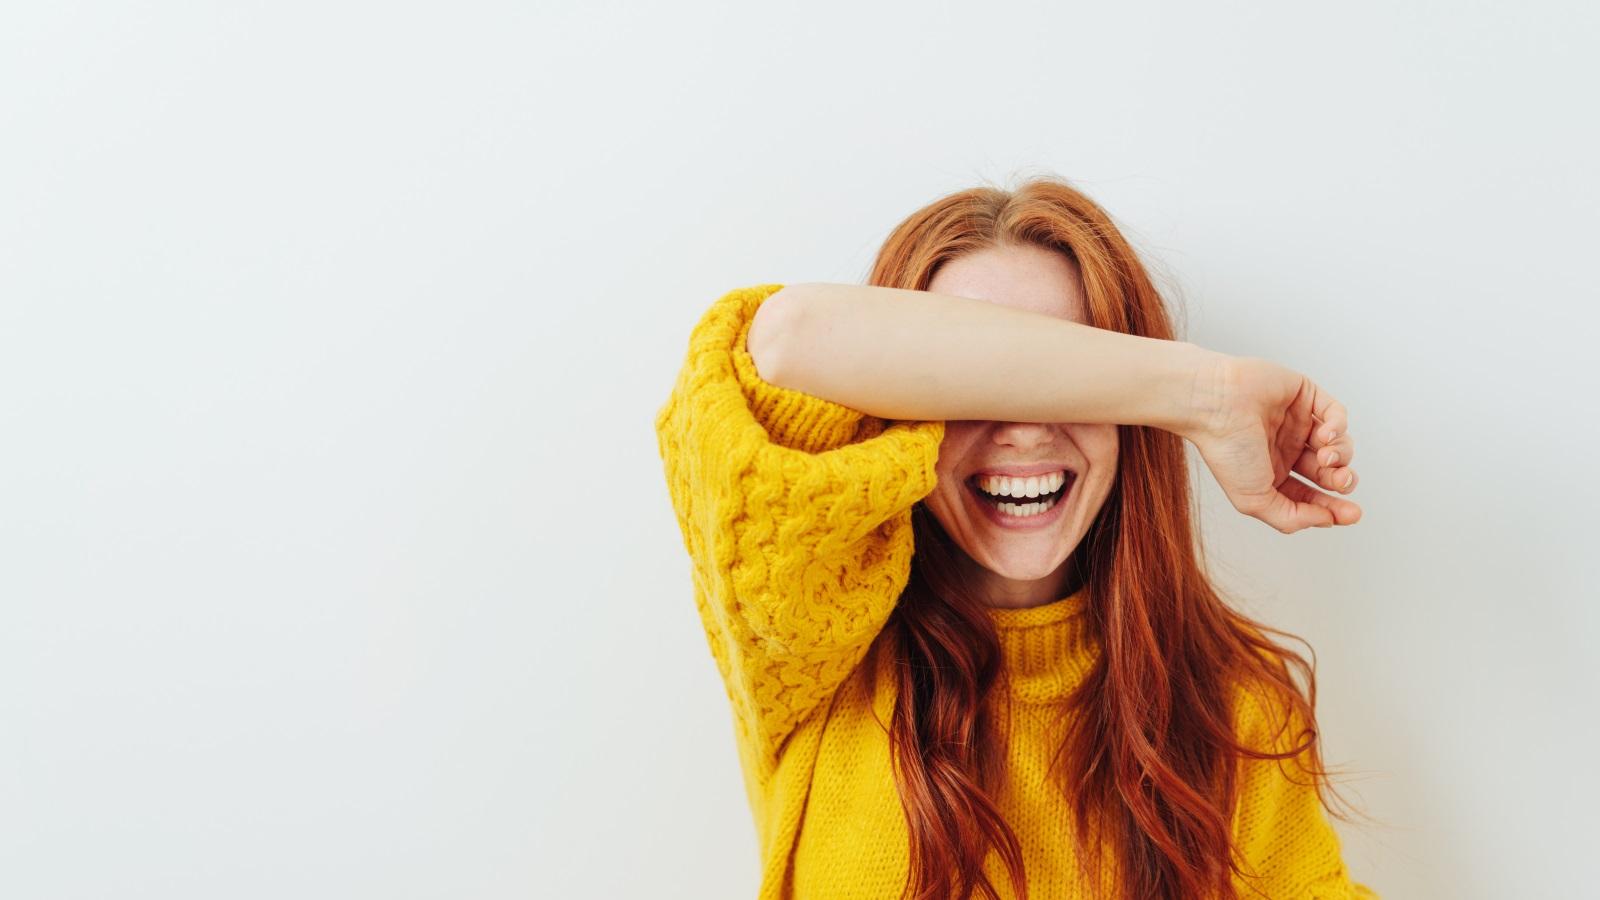 <p><strong>Смейте се</strong></p>  <p>Смехът е здраве, както всички знаем. Според проучване смехът, който сковава коремът ни засилва метаболизма с 10 до 20%, което означава изгаряне на 40 до 170 калории за всеки 10-15 минути смях.</p>